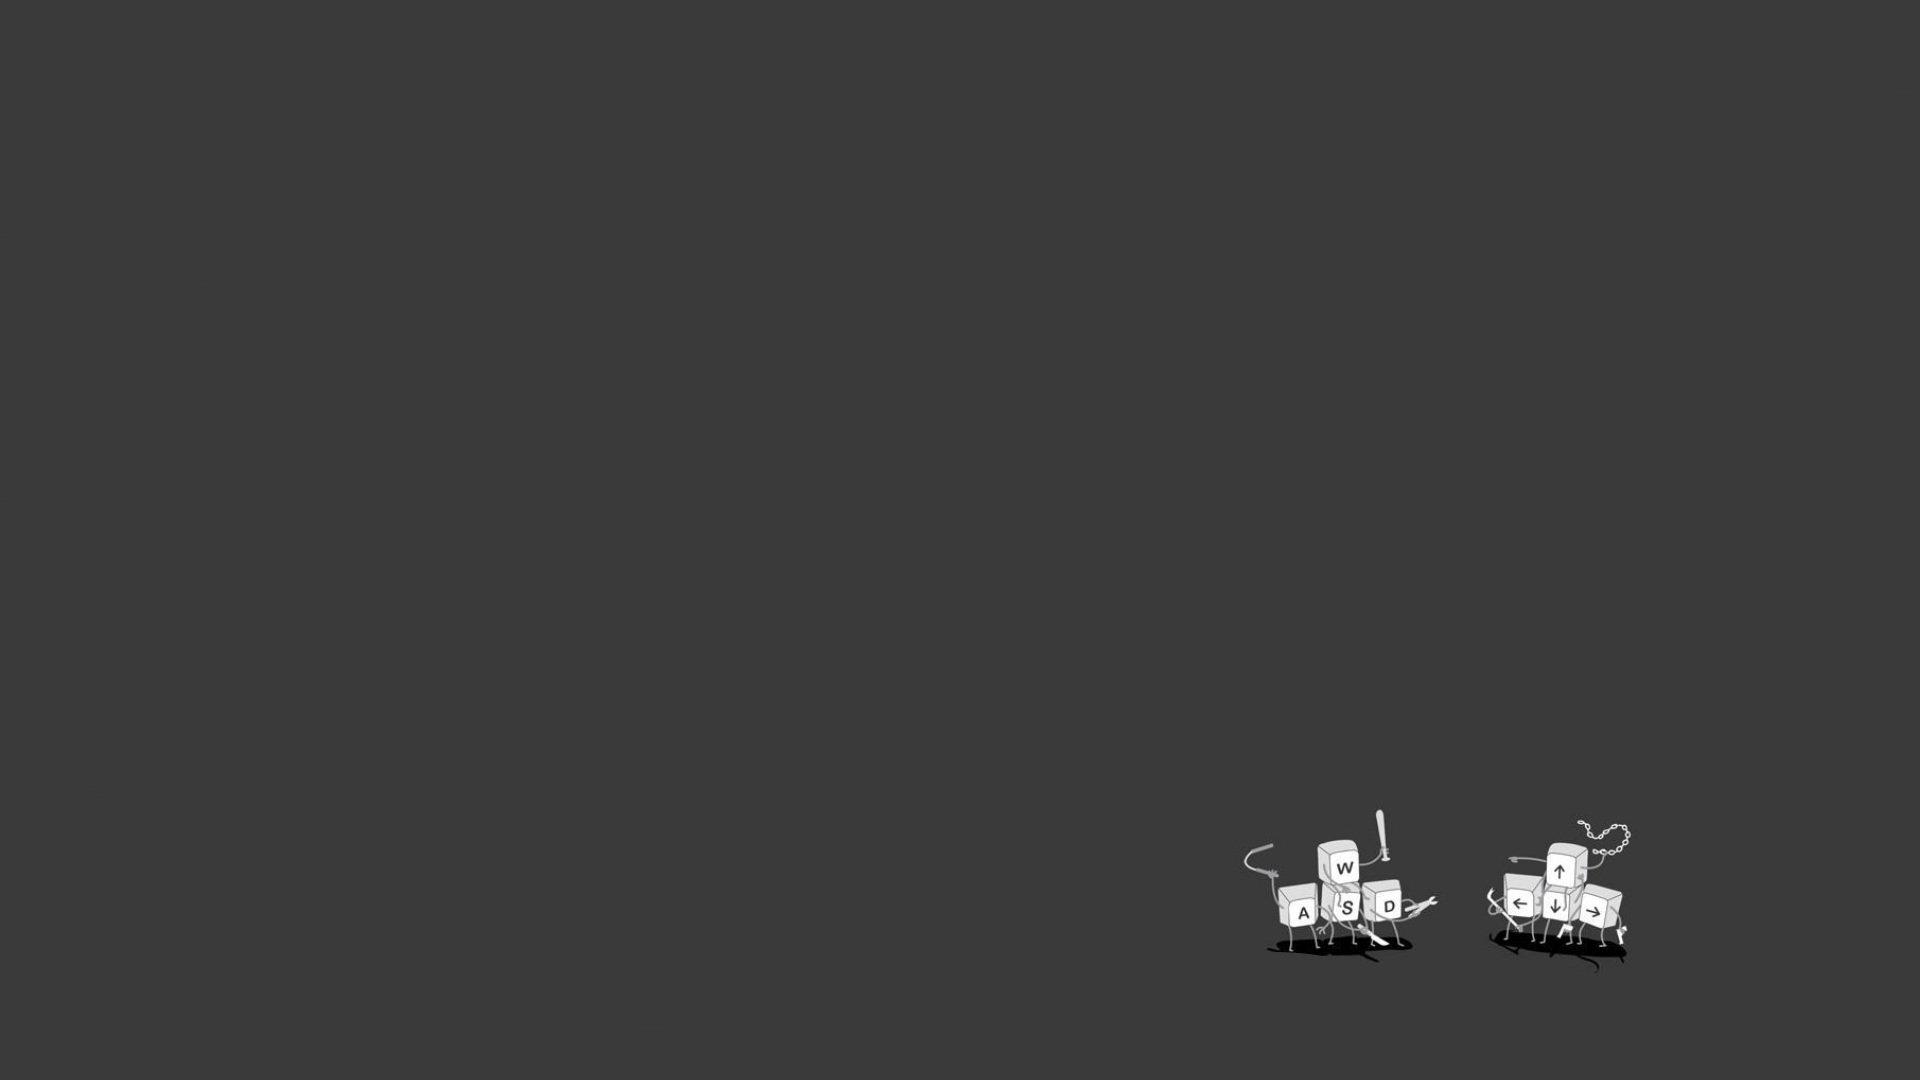 Simplistic Wallpaper - WallpaperSafari